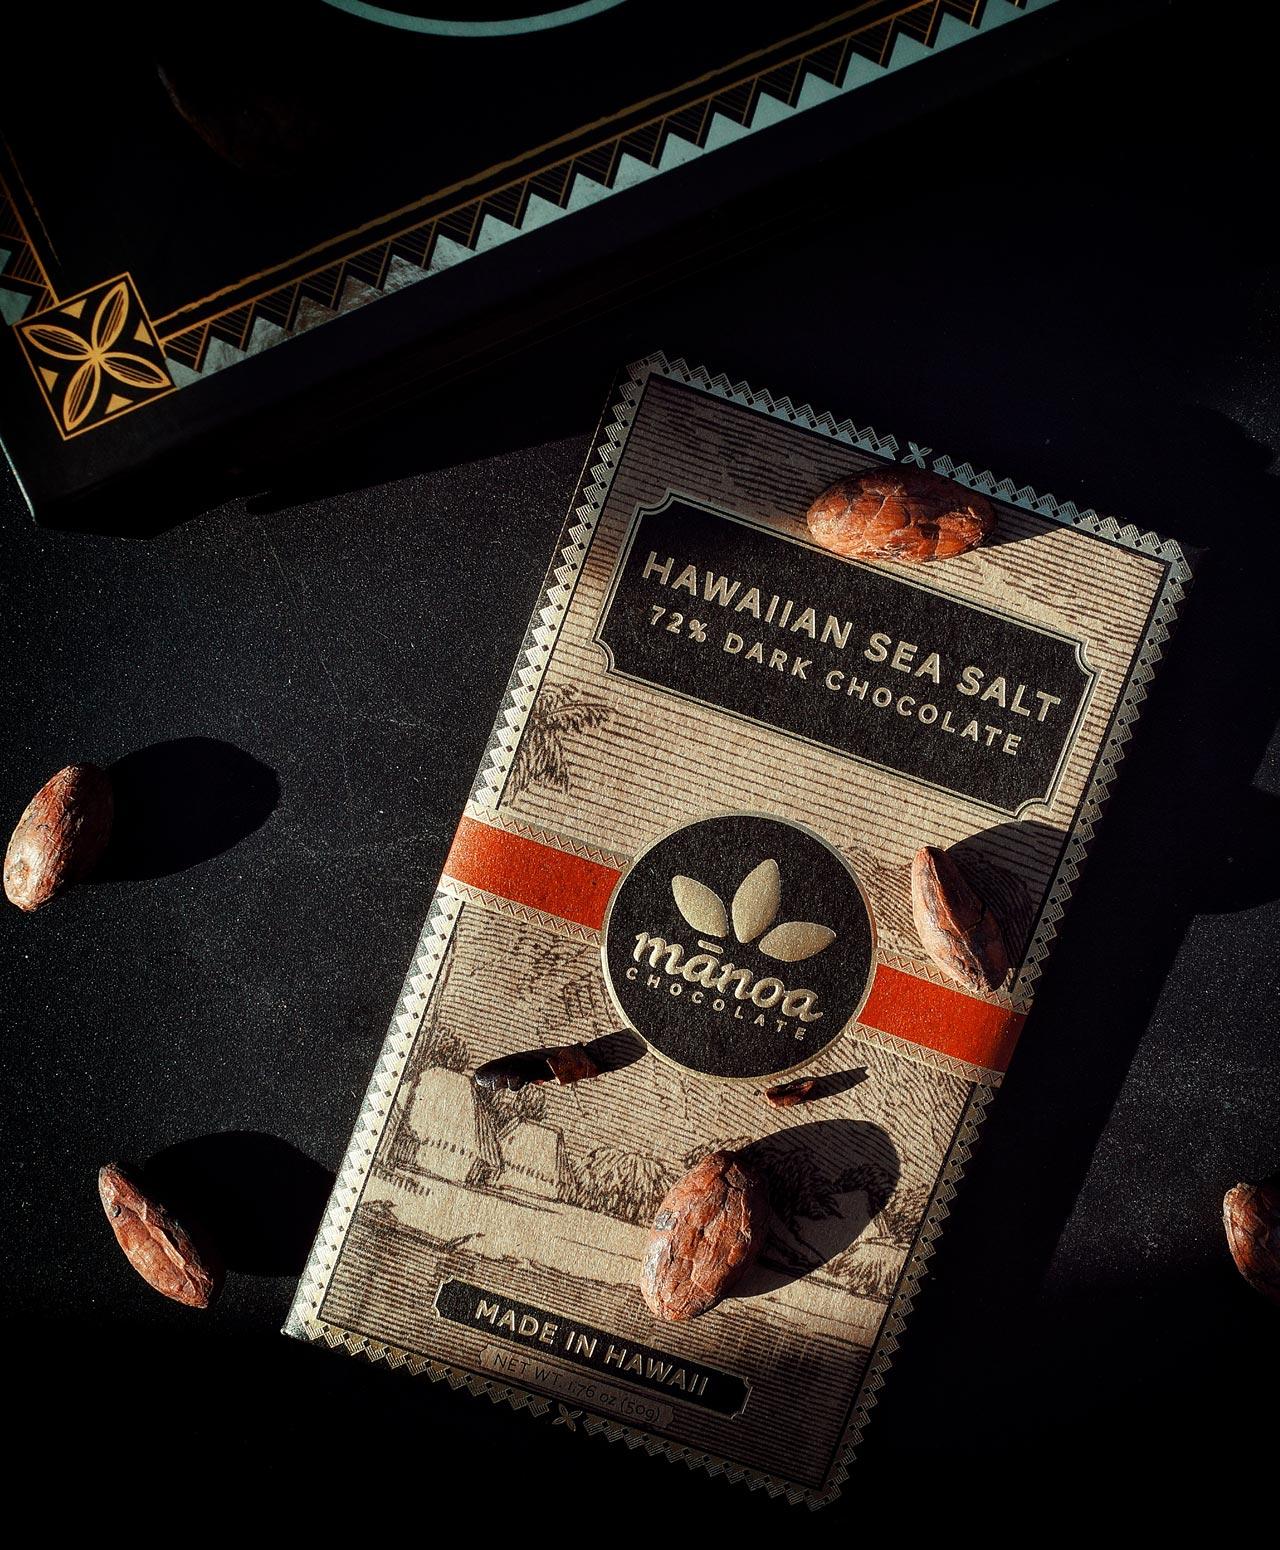 ビターな味わいのチョコに ハワイアンシーソルト ワインは何を合わせる?